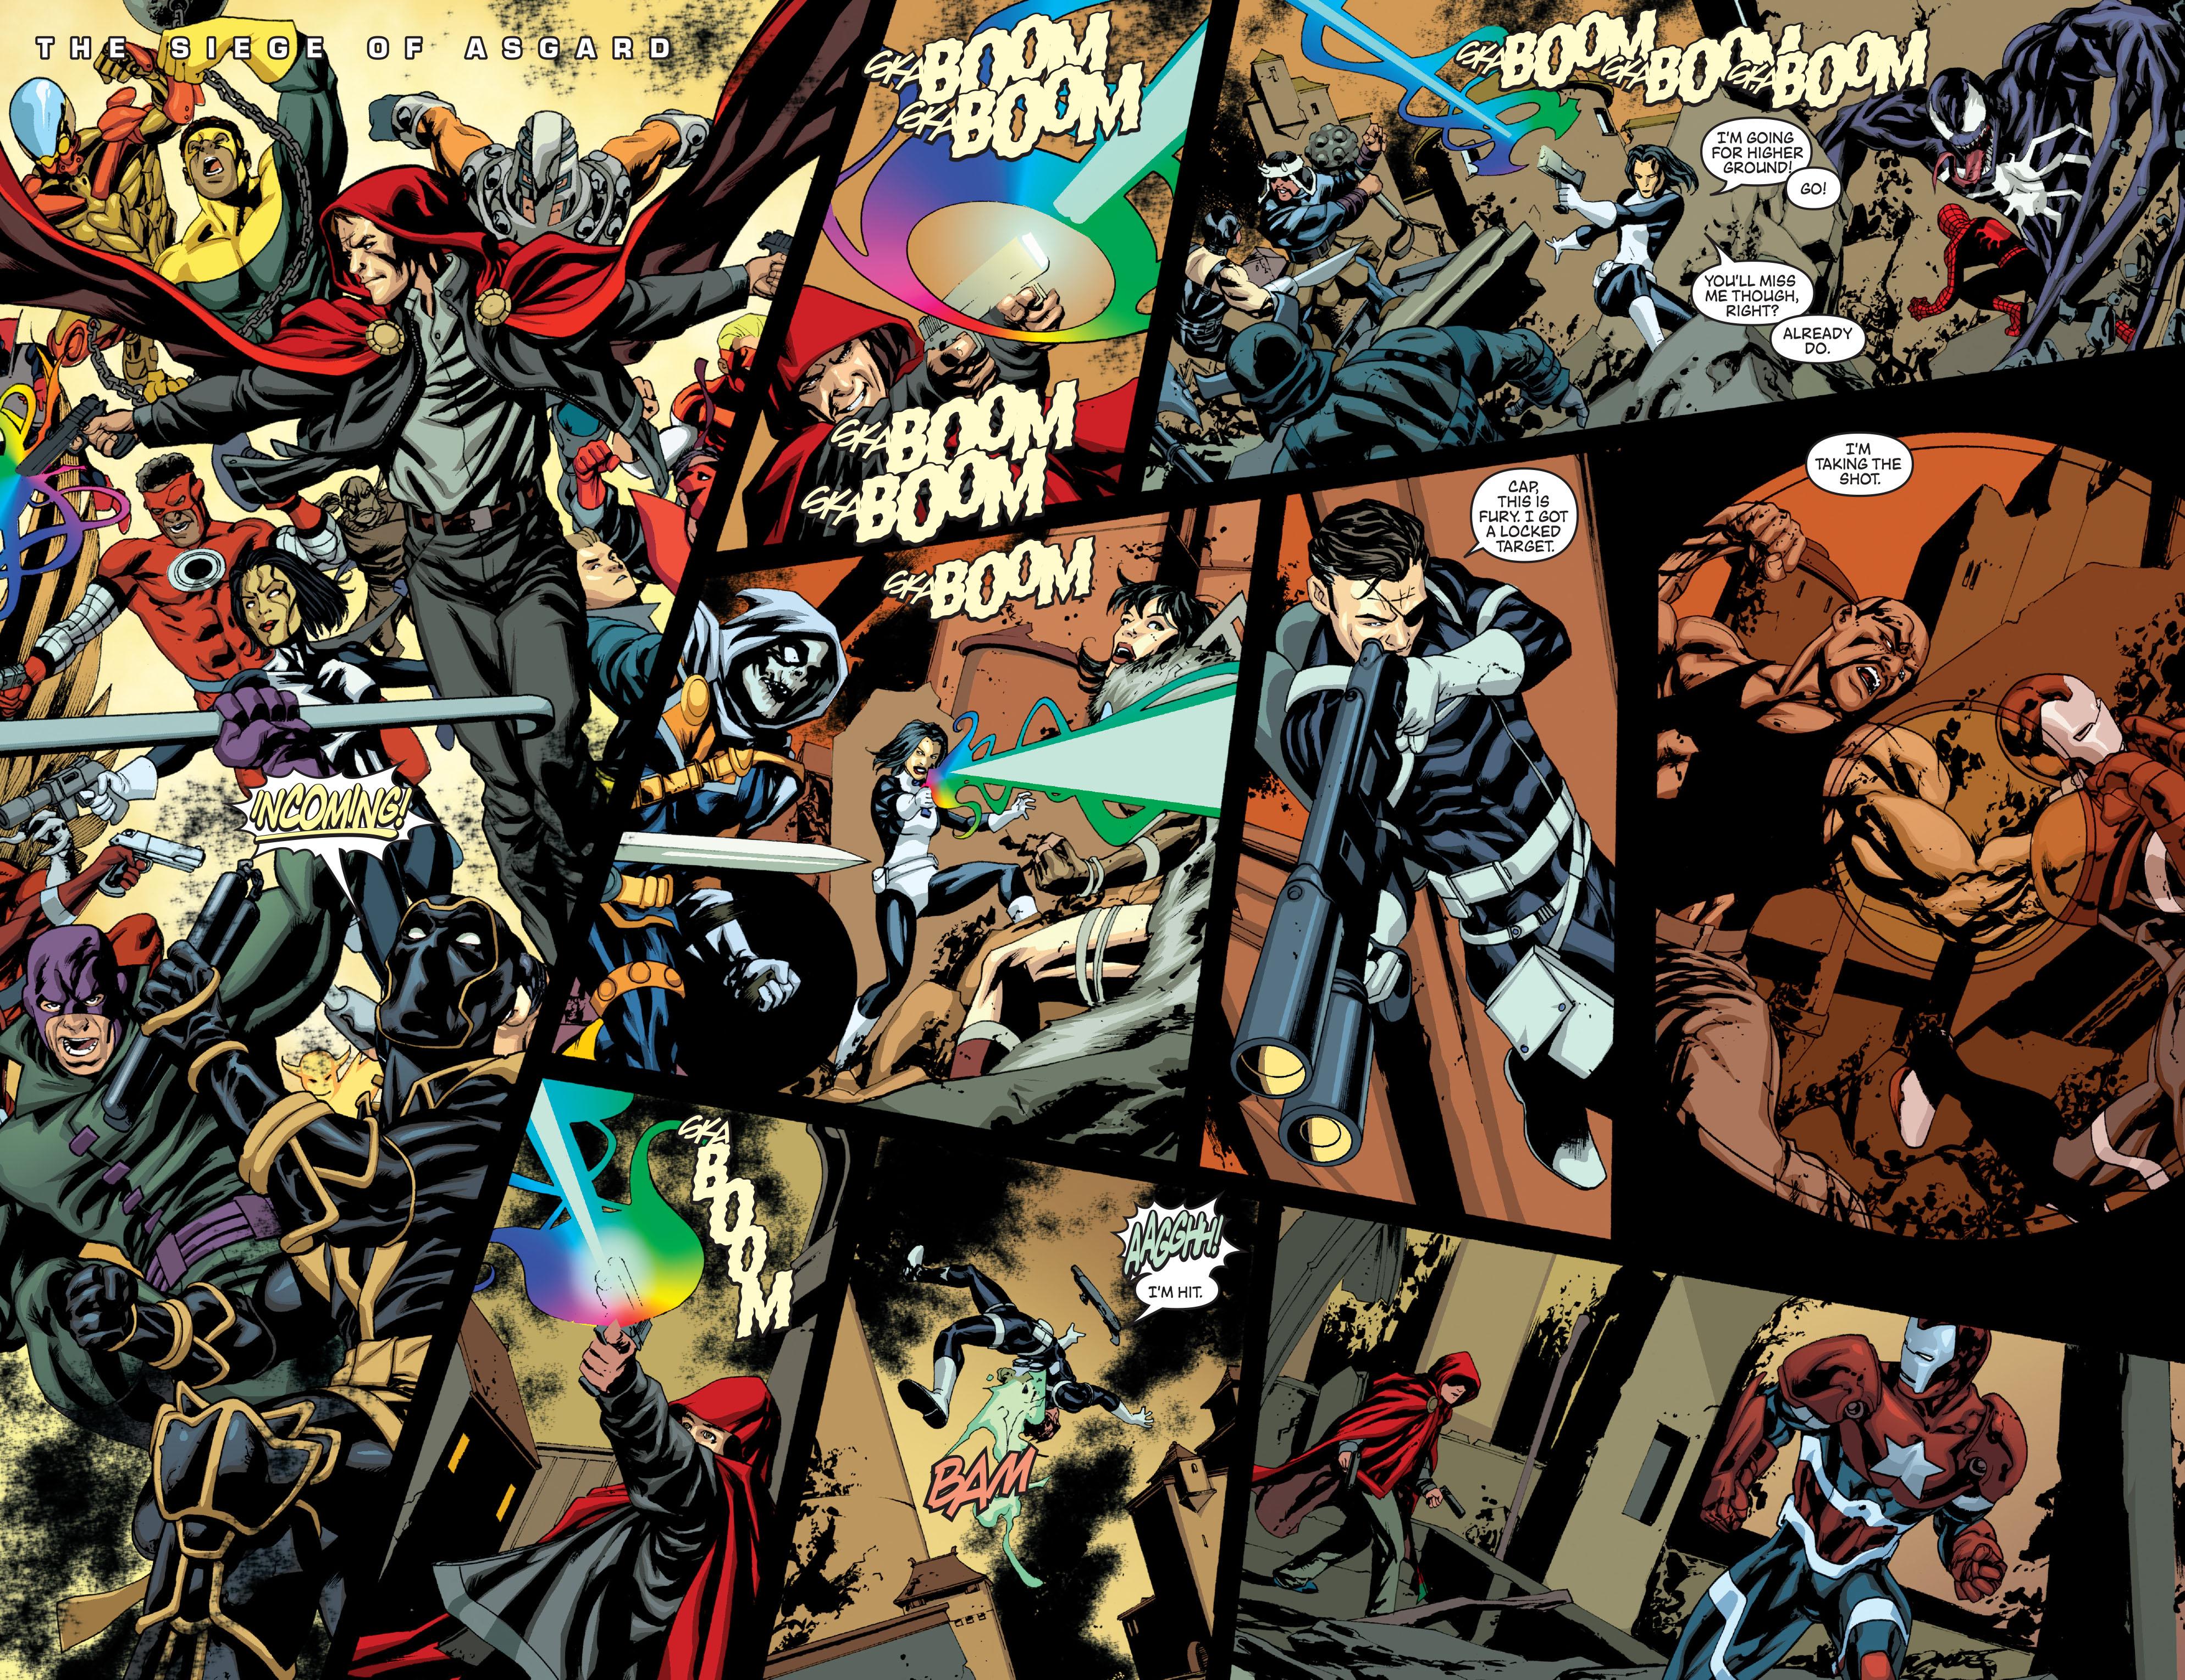 New Avengers (2005) chap 64 pic 10